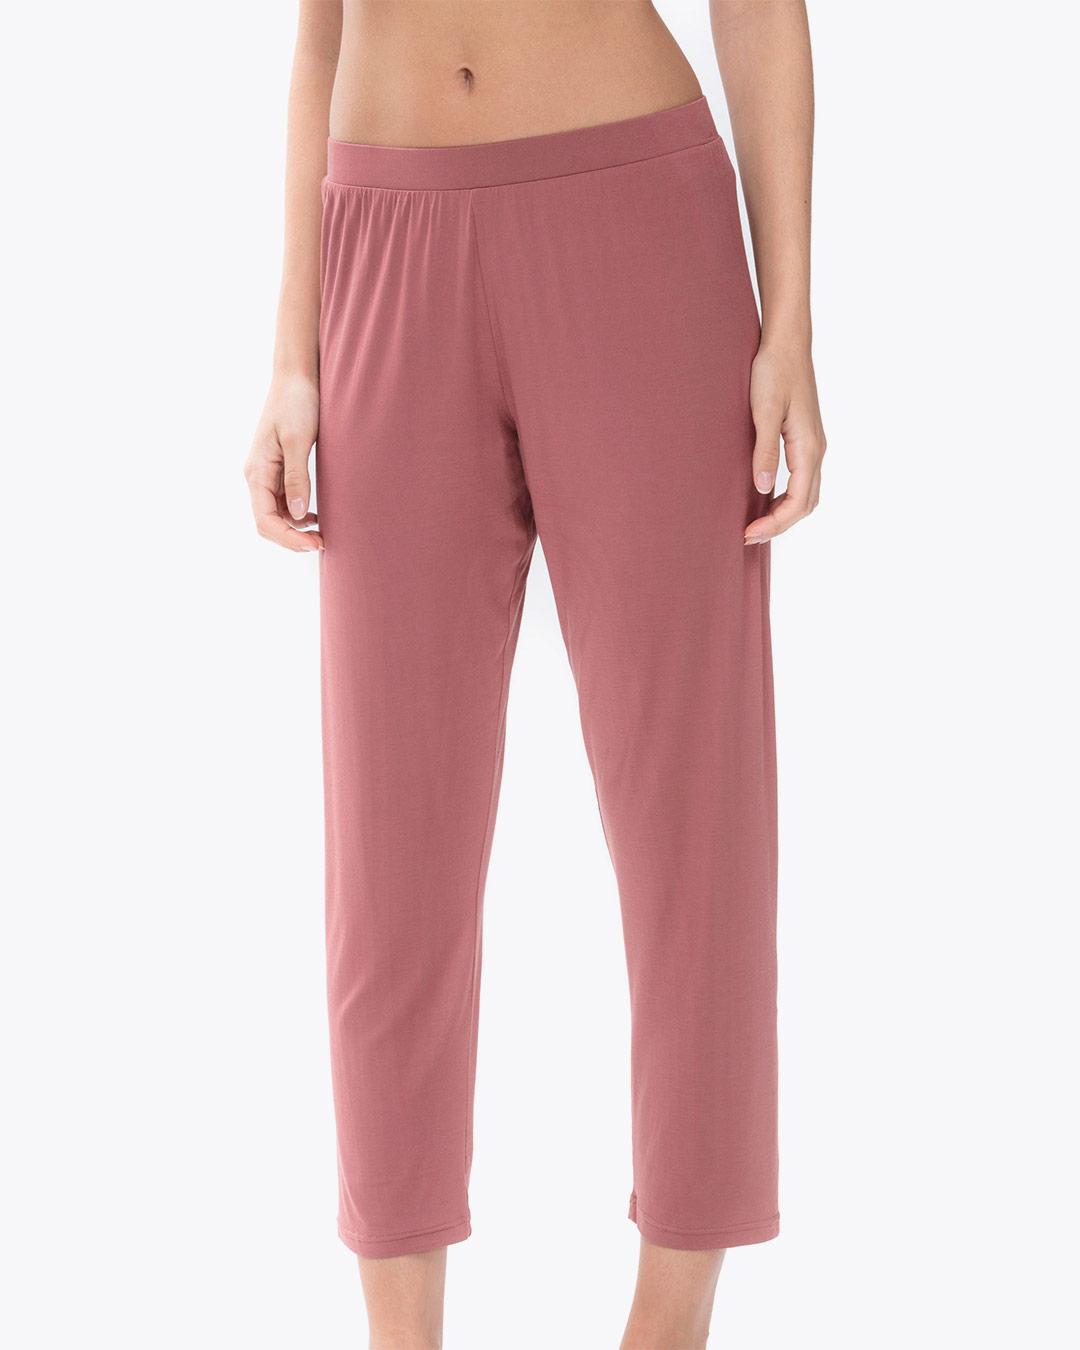 mey-serie-alena-pant-01-dianes-lingerie-vancouver-1080x1350